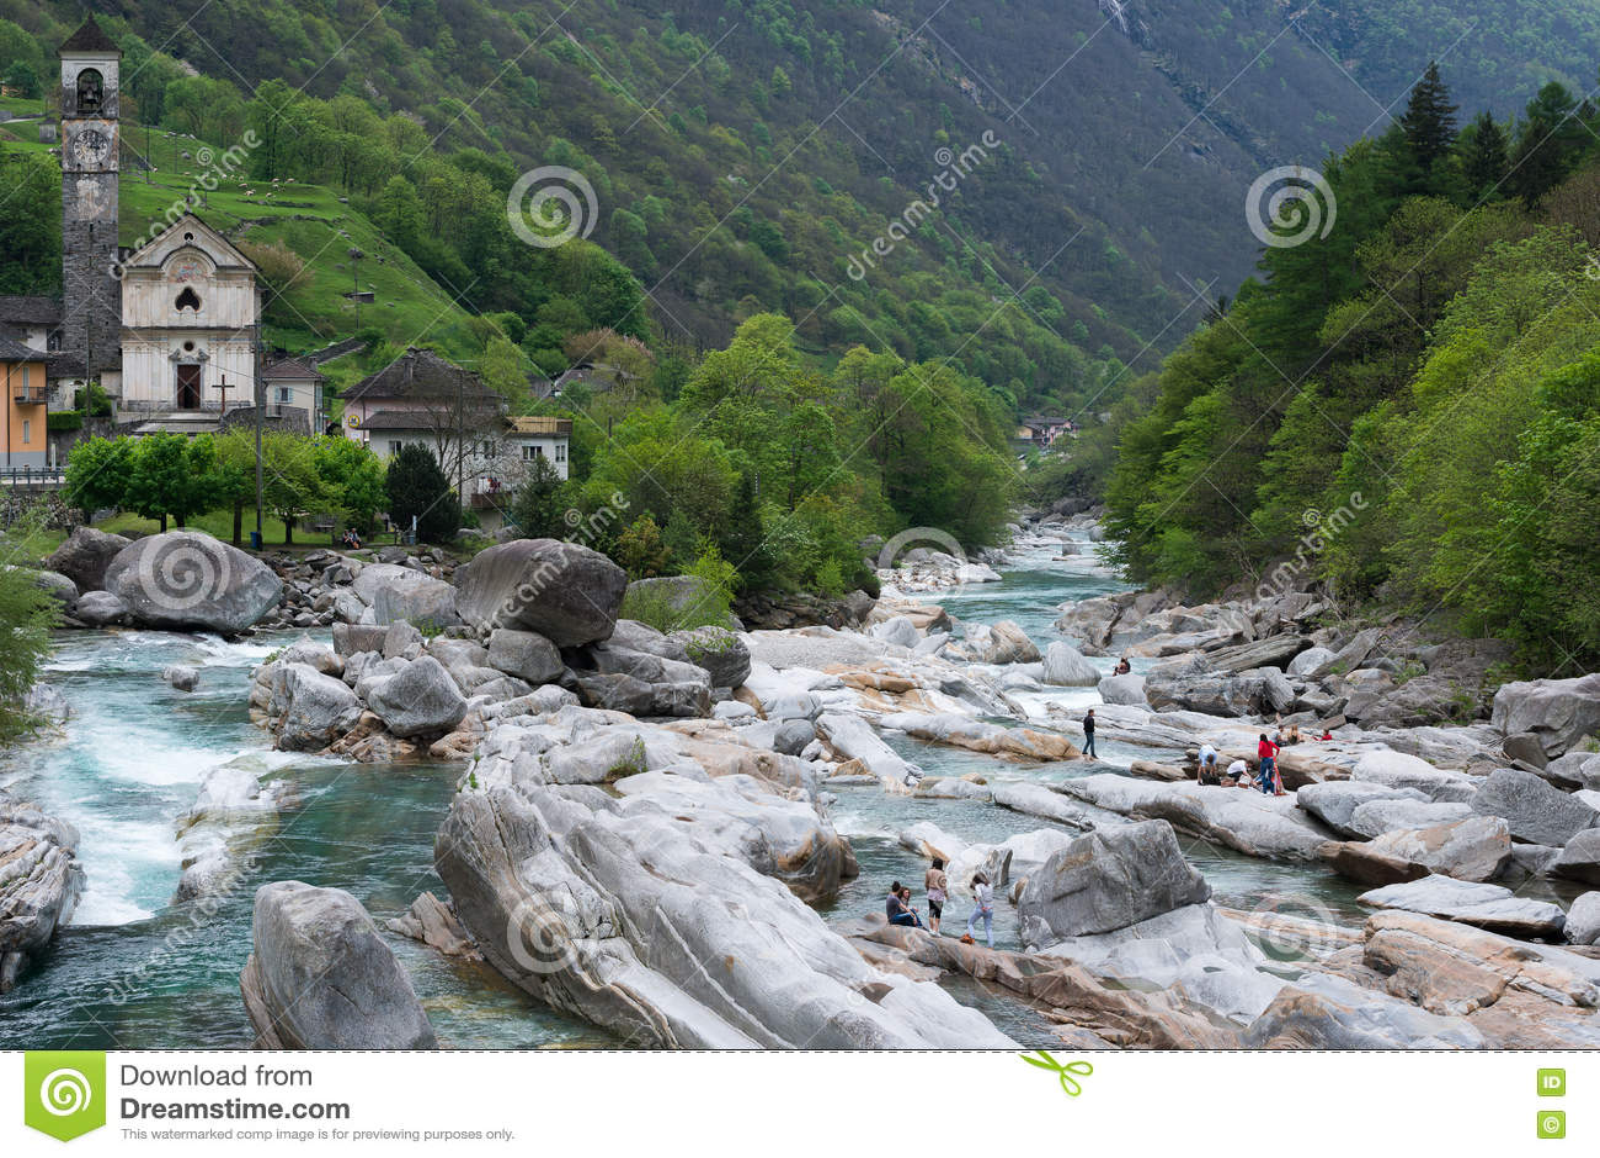 Fiume della montagna vicino alla citt di lavertezzo - Letto di un fiume ...